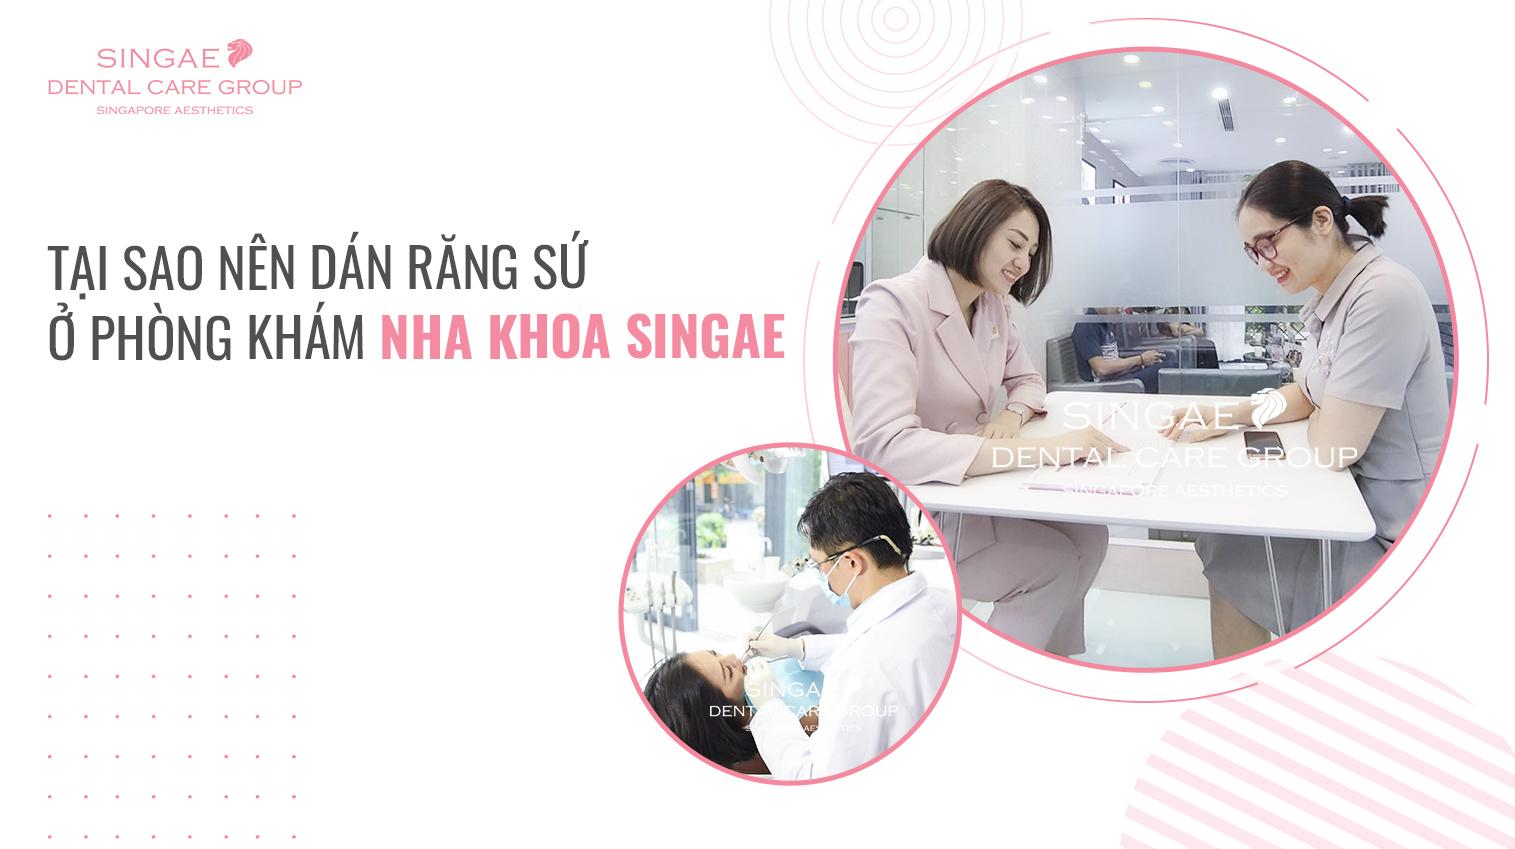 Tại sao bạn nên dán răng sứ Veneer tại phòng khám nha khoa Singae